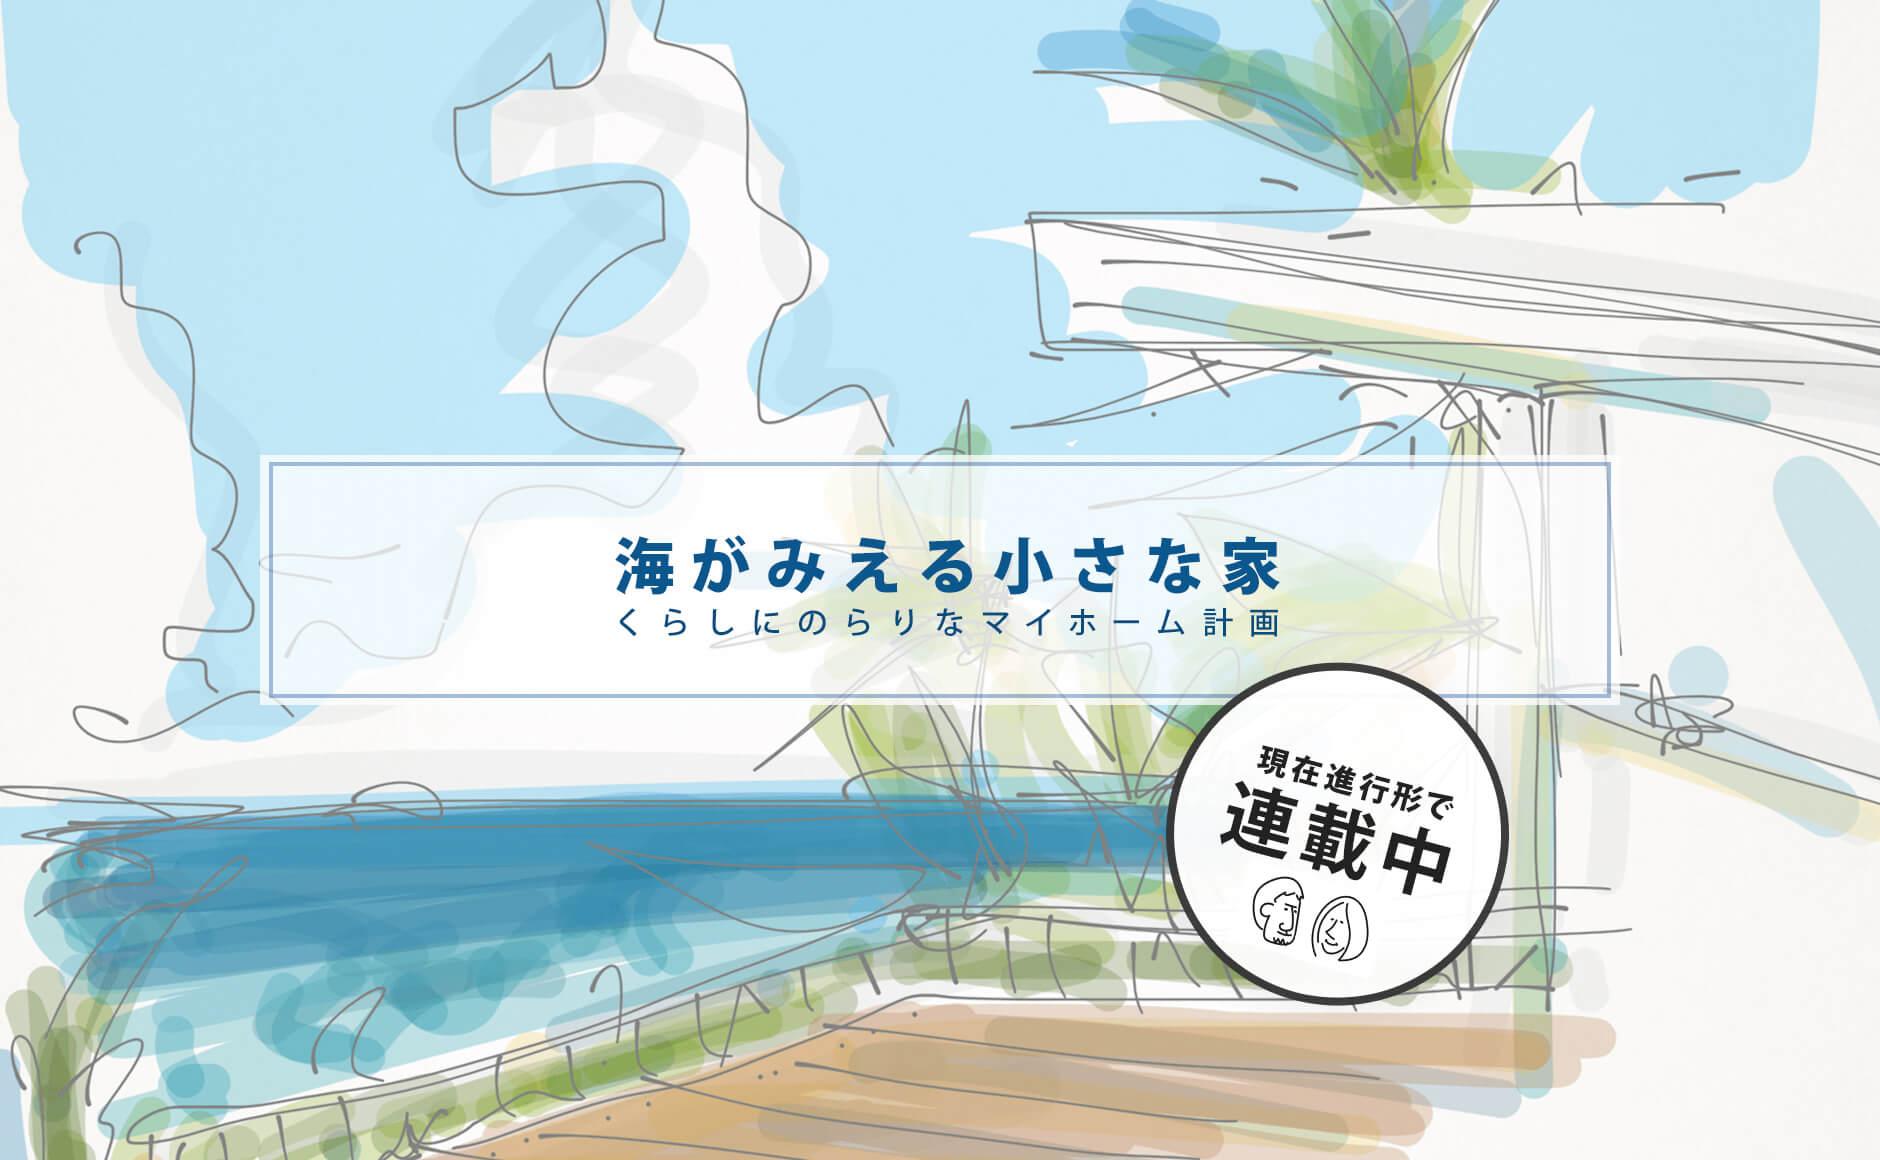 【海がみえる小さな家#1】はじめに。わたしたちのマイホーム計画について